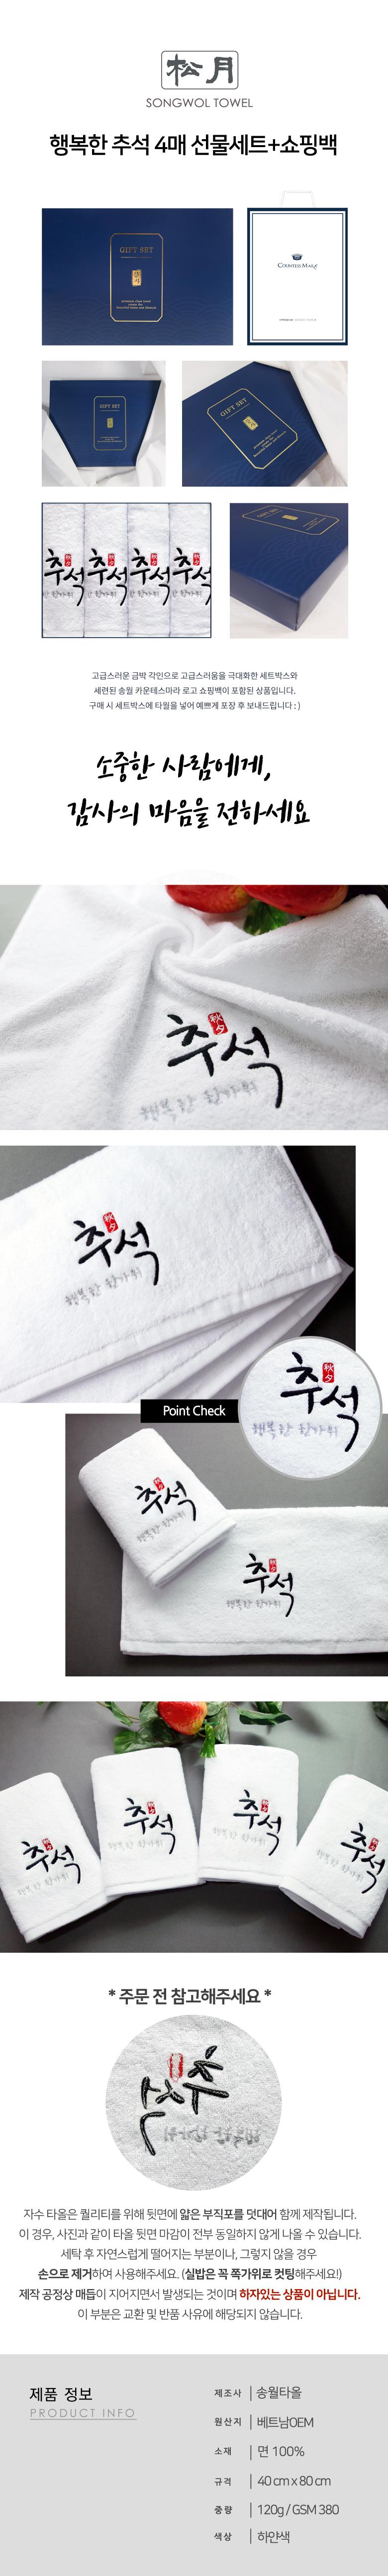 행복한추석 4매 선물세트+쇼핑백 - 송월타올, 11,700원, 수건/타올, 세면타올